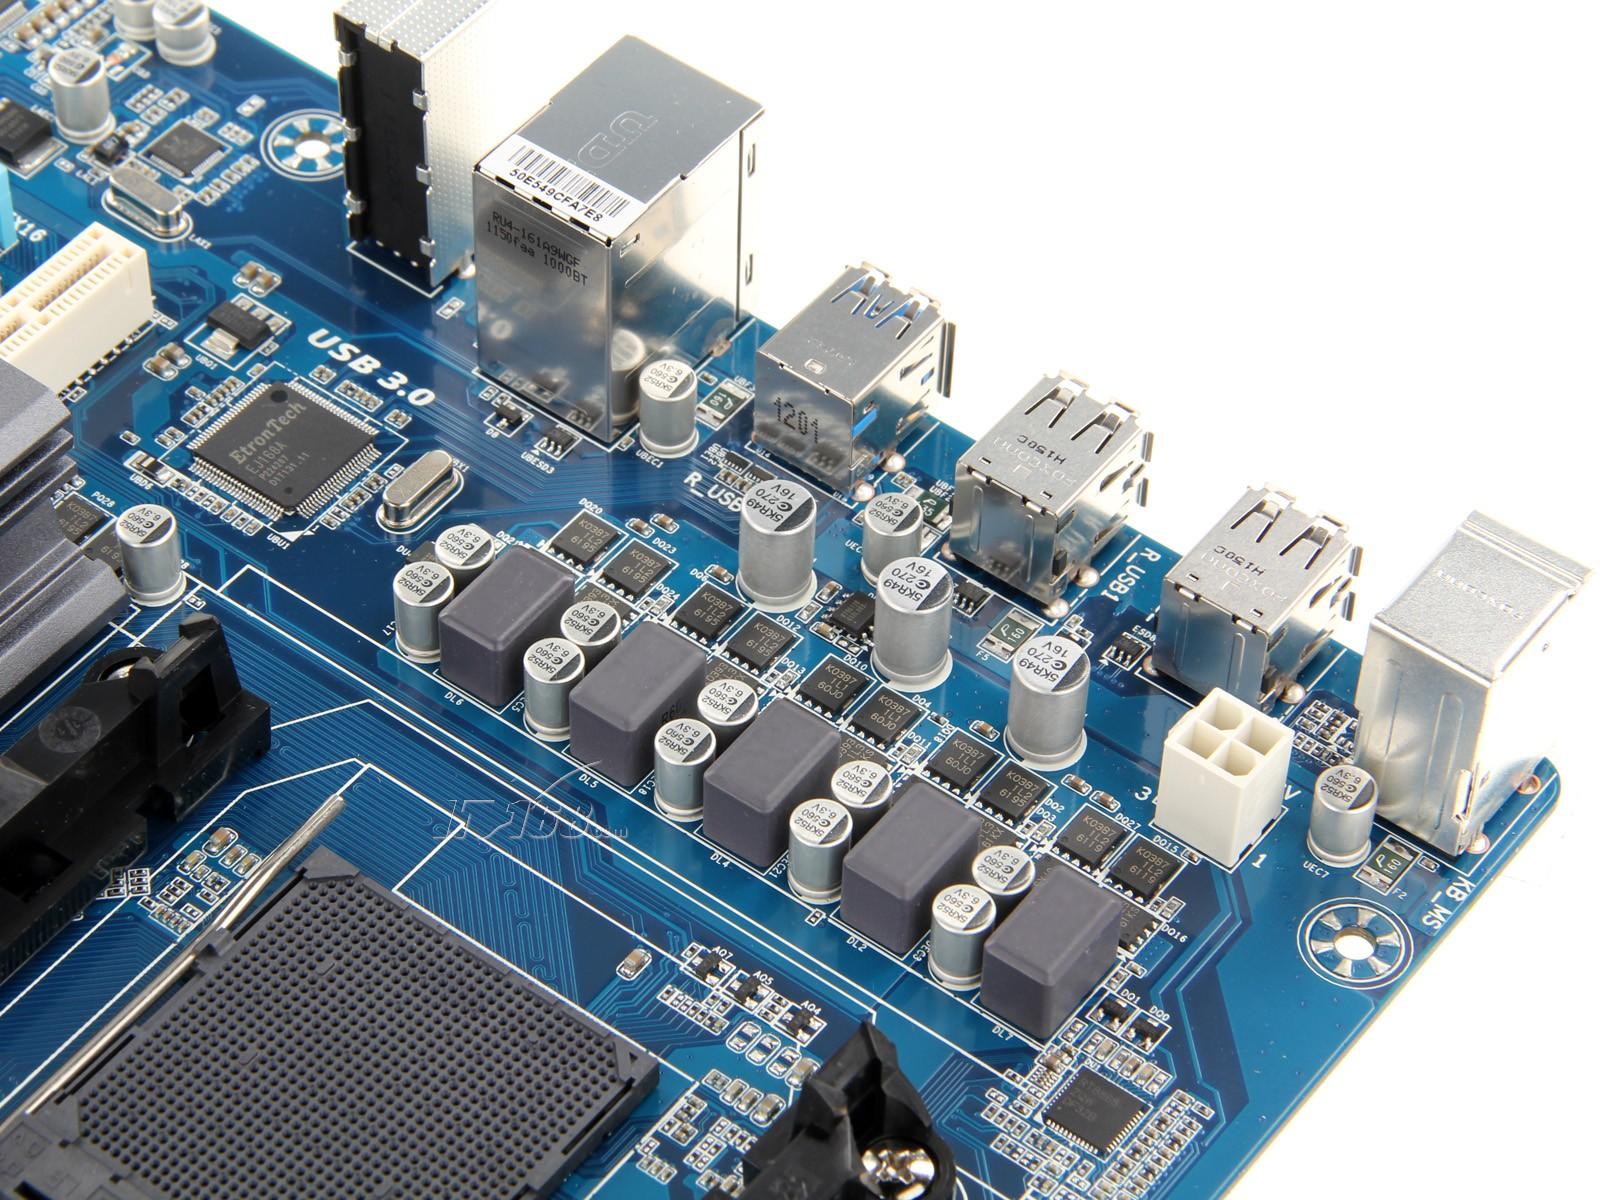 技嘉ga-970a-d3主板产品图片7